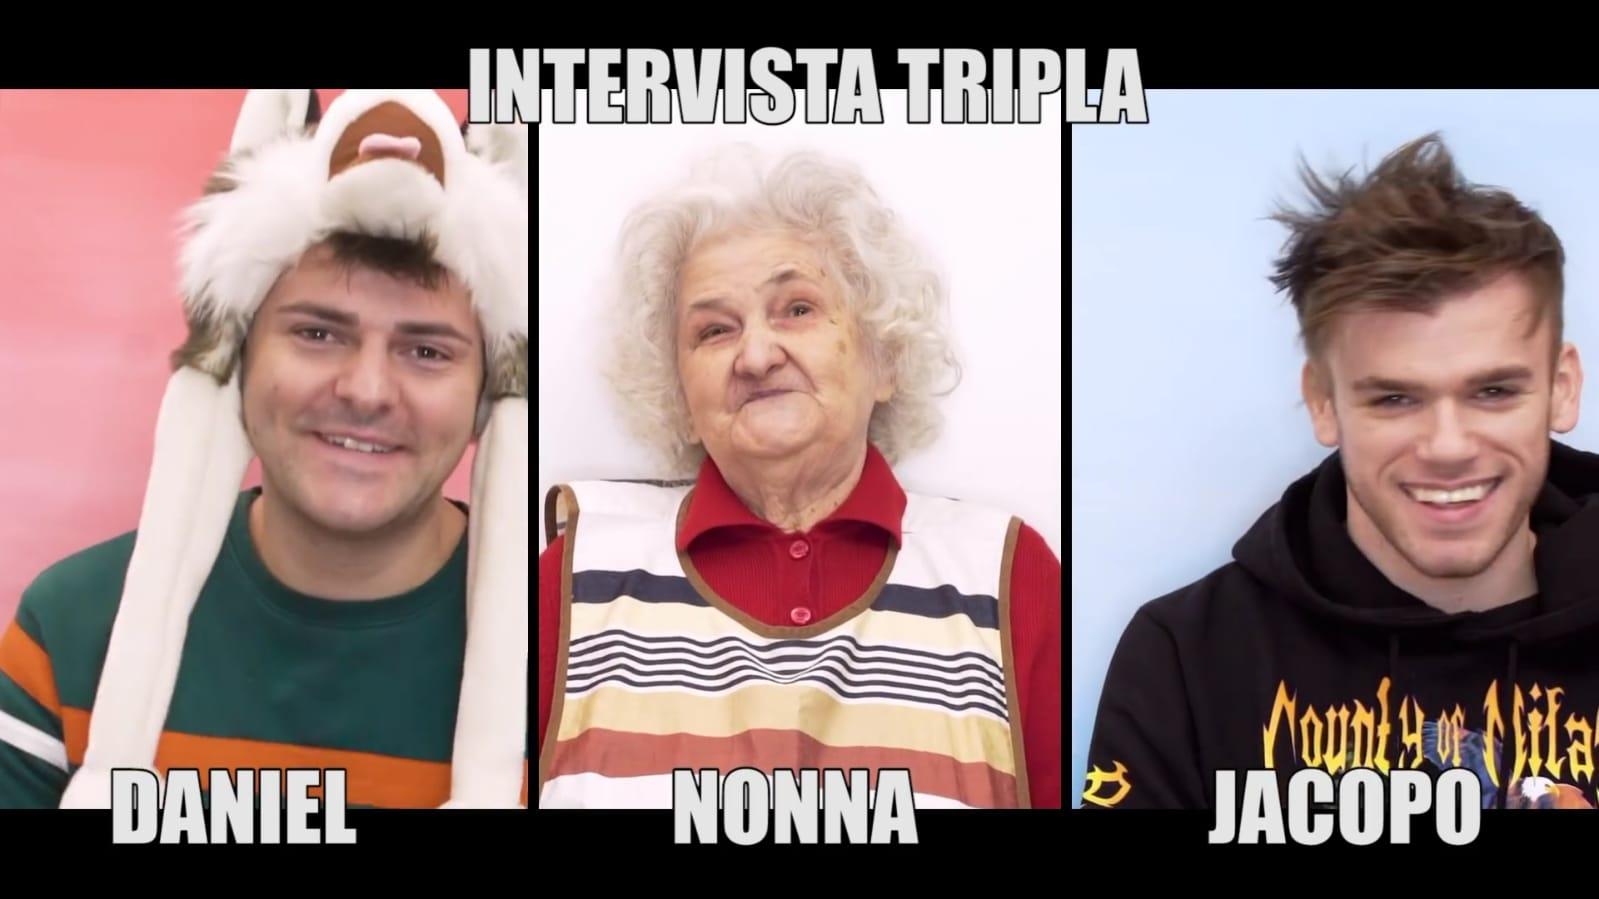 intervista tripla con la nonna speciale 4 milioni di iscritti